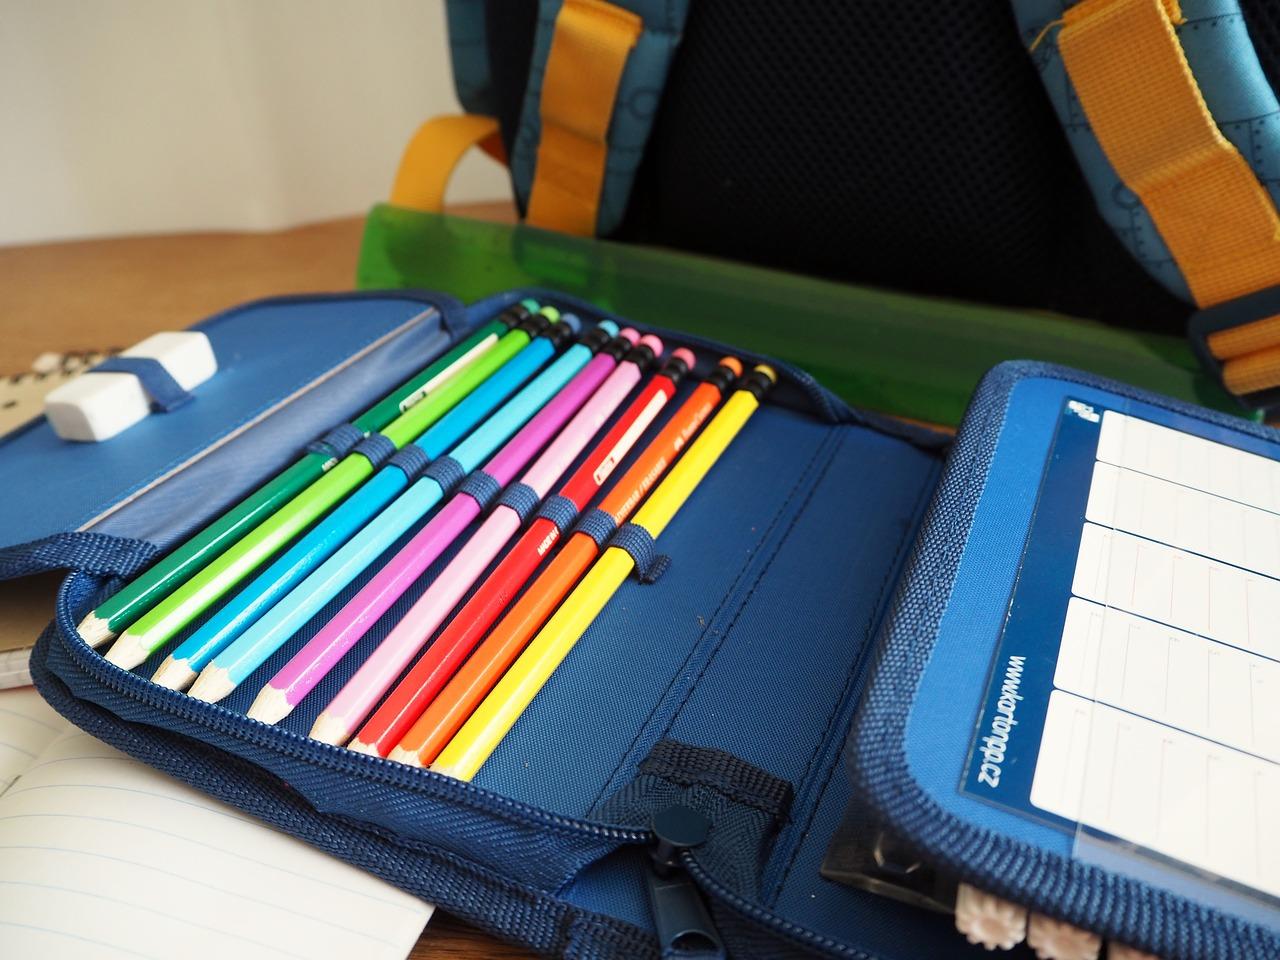 Σχολικός εξοπλισμός μαθητών: μεγάλα έξοδα για τους γονείς